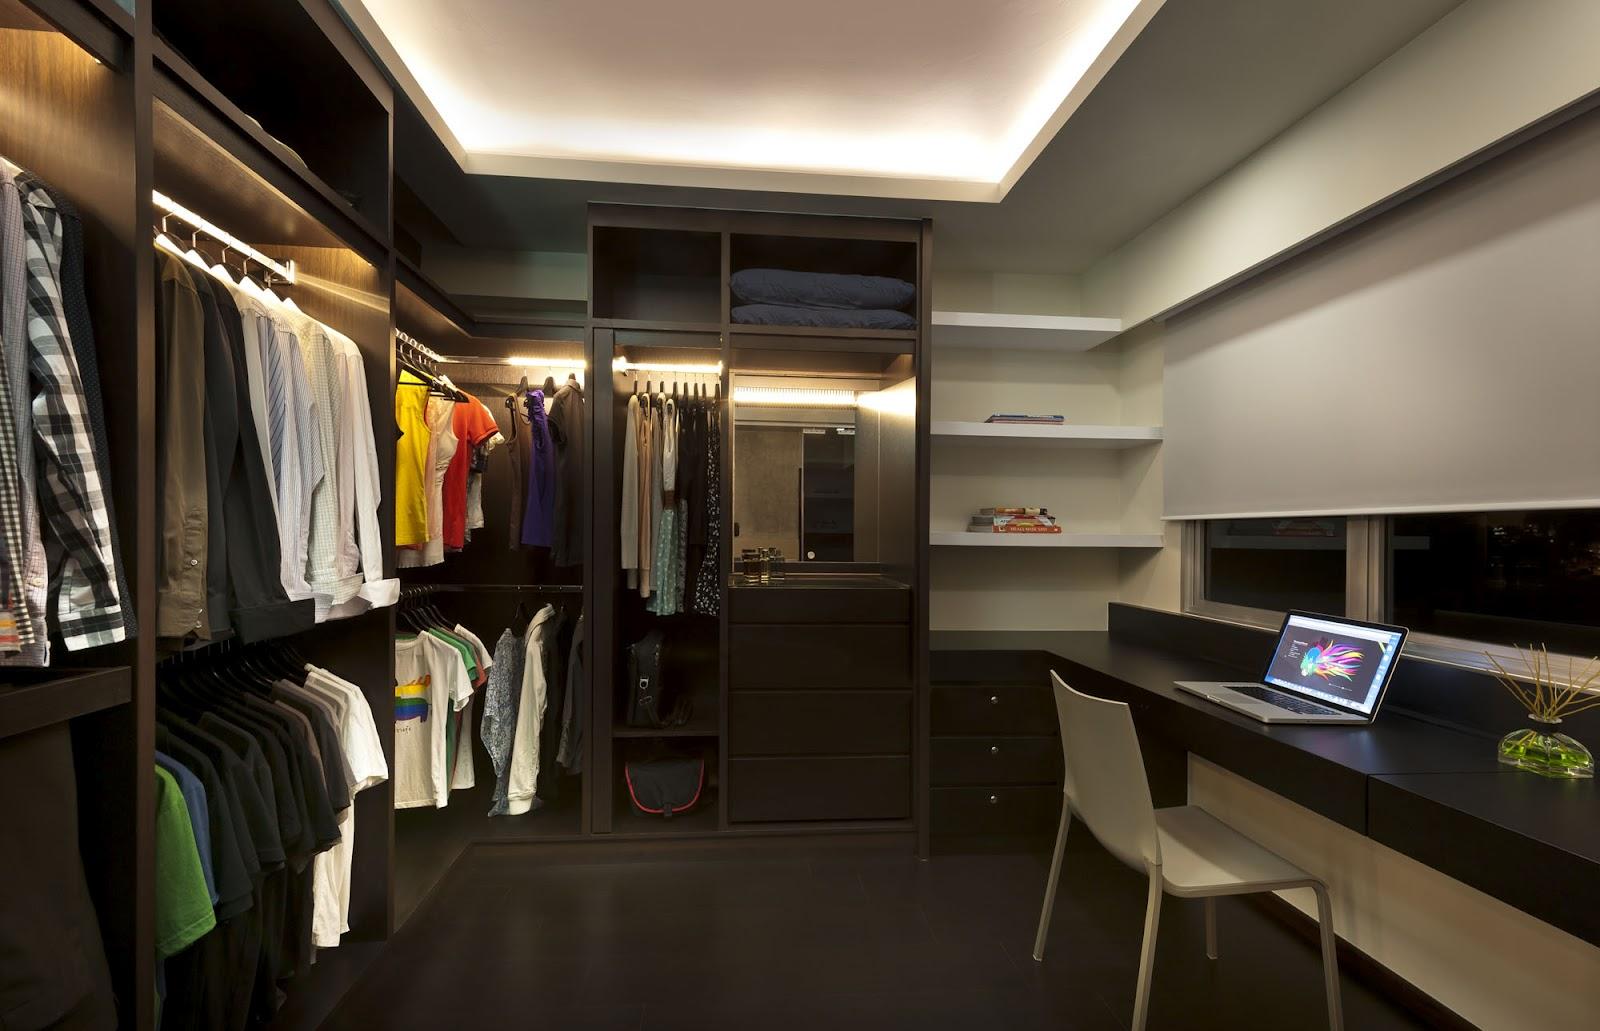 Rezt Amp Relax Interior Design 4 Room Hdb Yishun